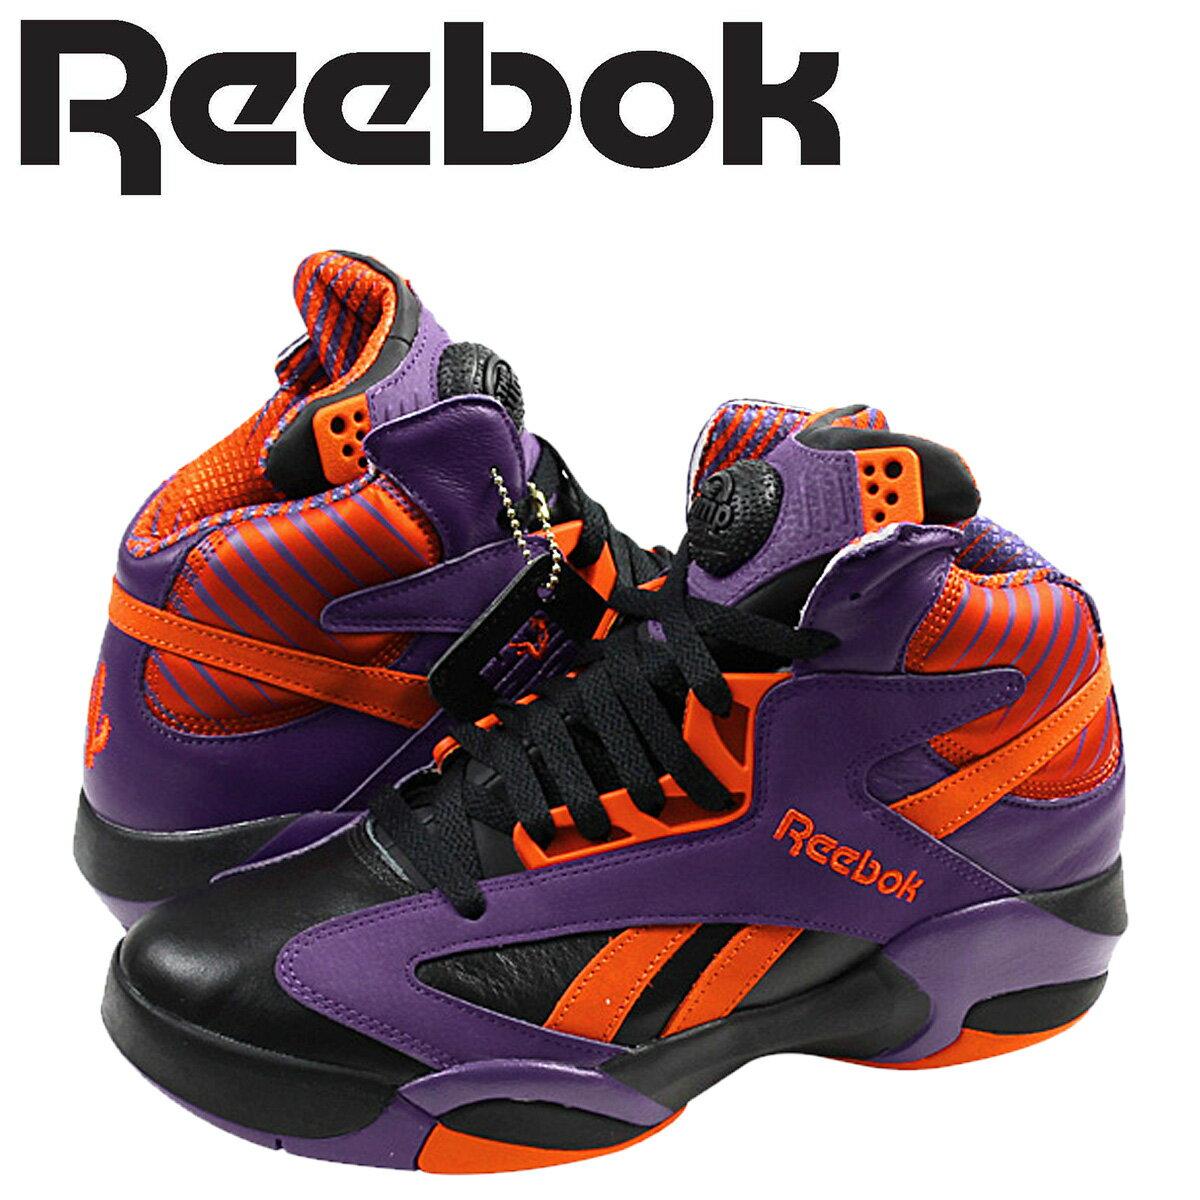 Reebok リーボック シャック スニーカー SHAQ ATTAQ PHOENIX SUNS V61029 メンズ 靴 パープル 【CLEARANCE】